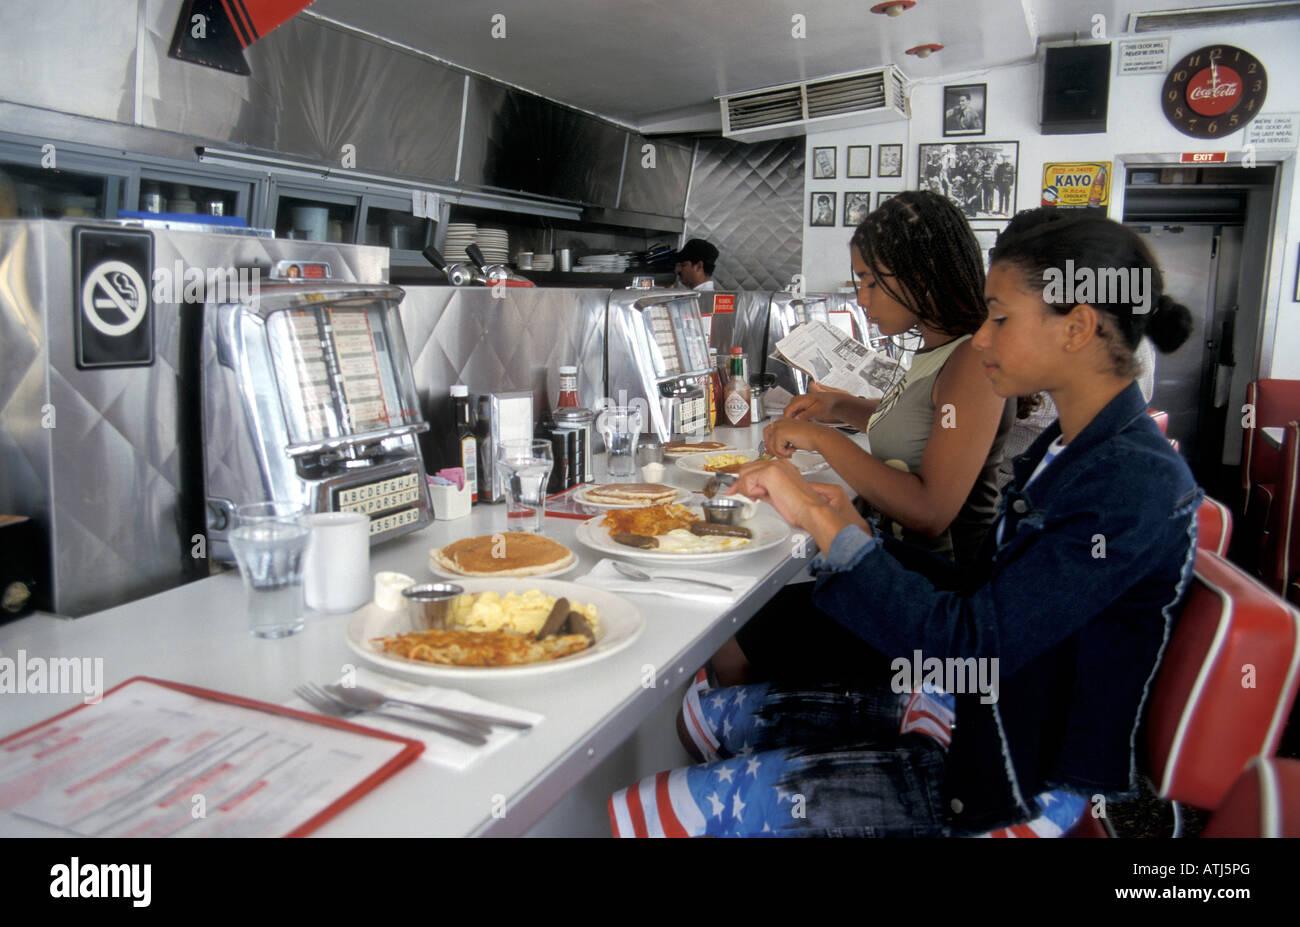 2 junge m dchen essen typisch amerikanische pancake. Black Bedroom Furniture Sets. Home Design Ideas